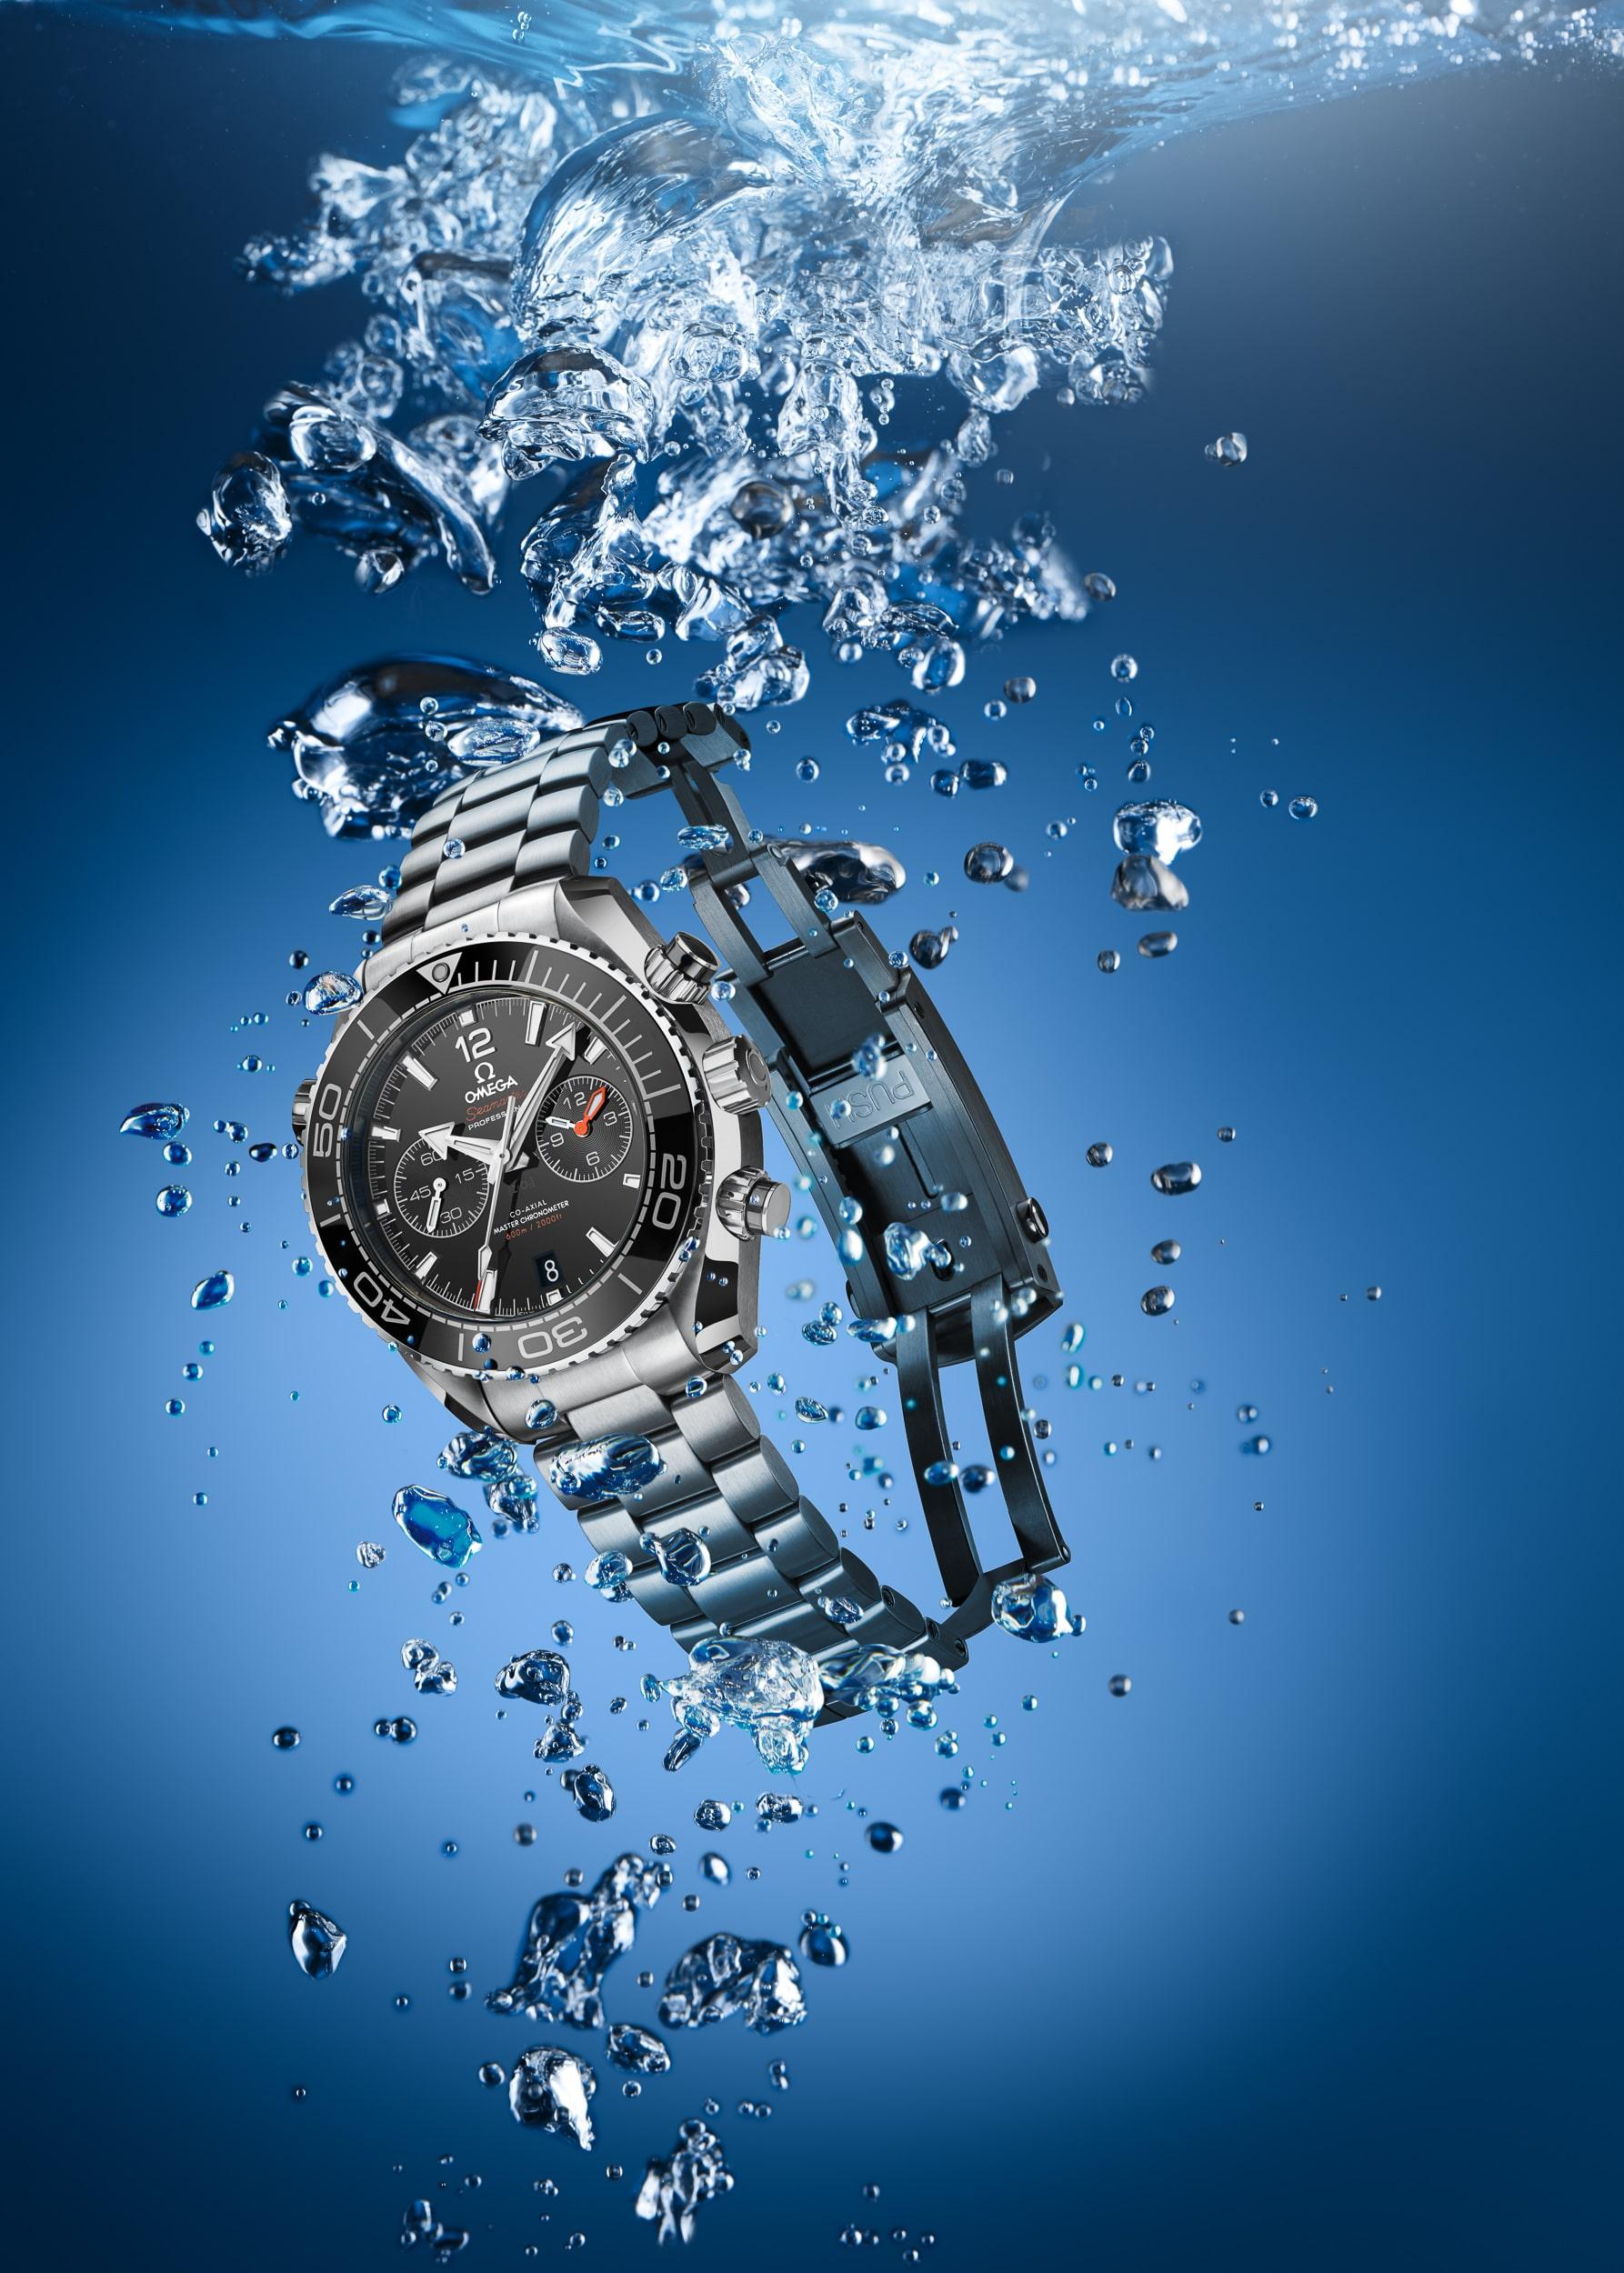 Werbeaufnahme einer Omega Planet Ocean Chronograph 600m Taucheruhr beim Eintauchen unter Wasser | Fotograf in der Region Osnabrück Münster Bielefeld für Werbefotografie